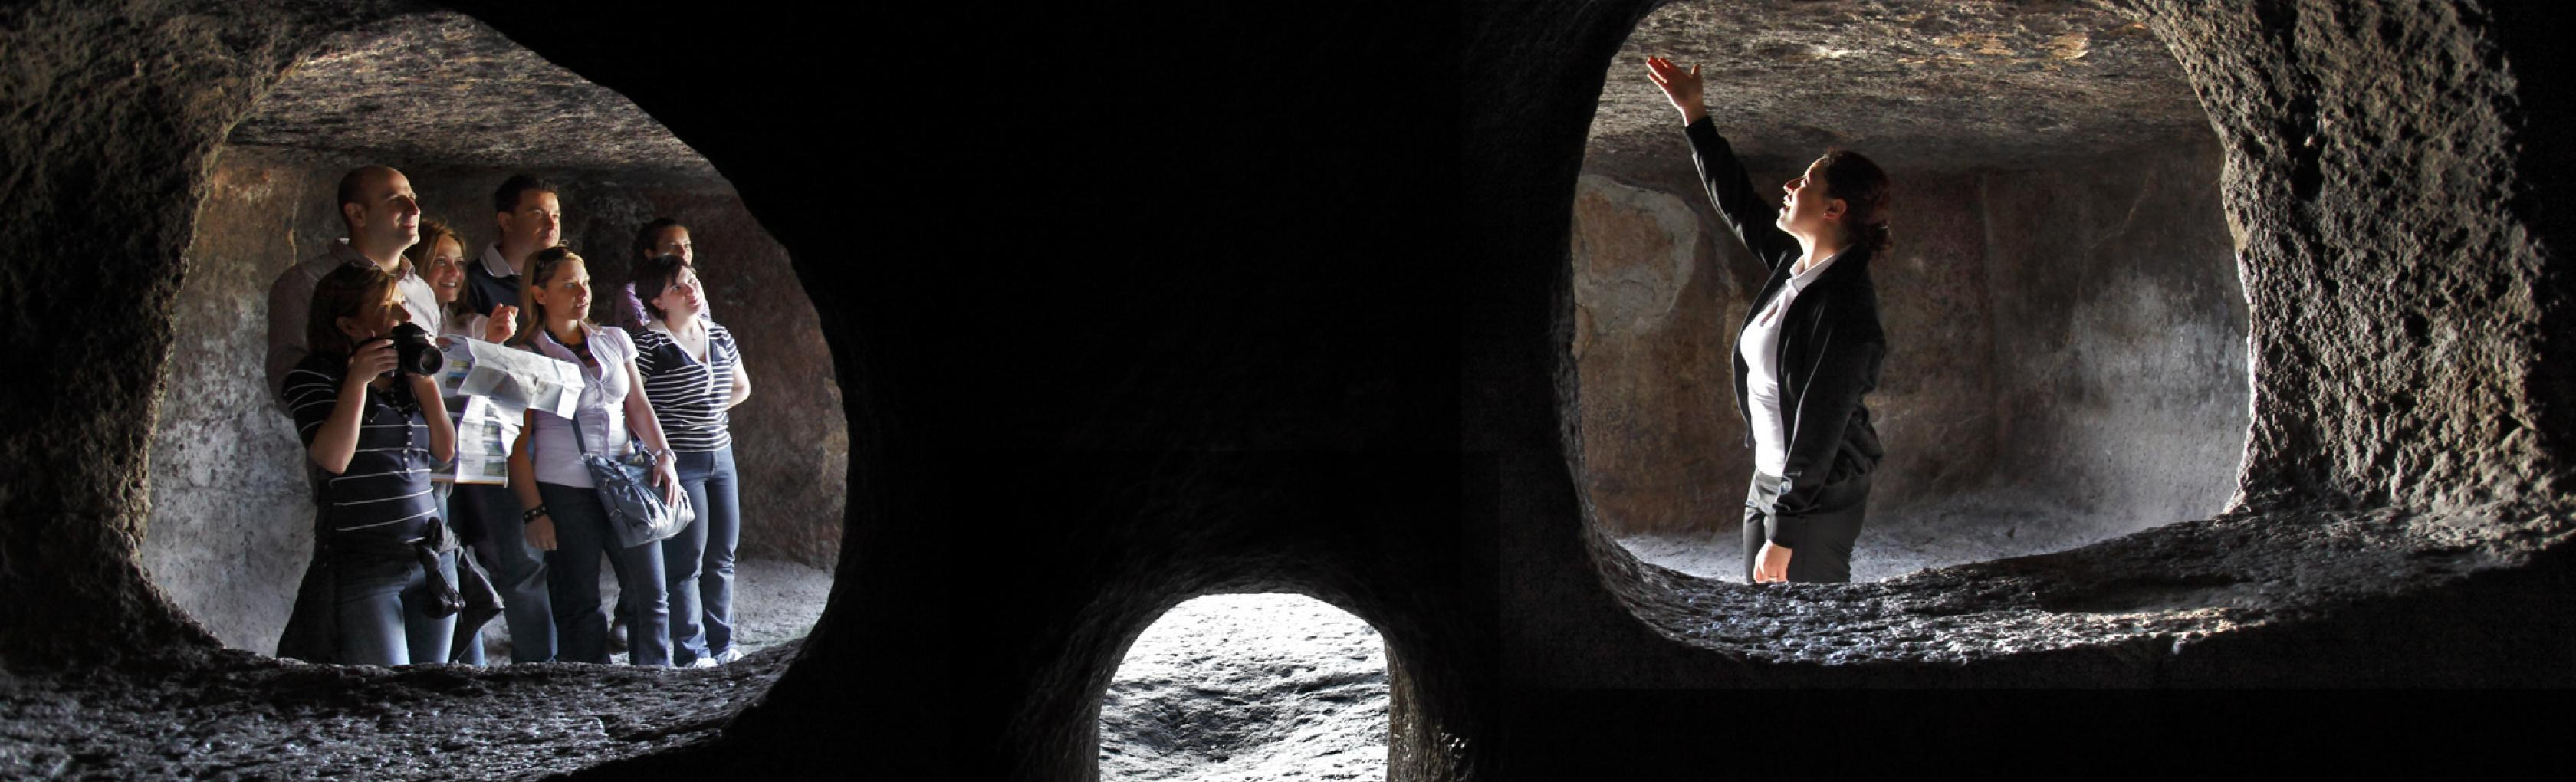 Domus de janas, interno - Montessu - Villaperuccio